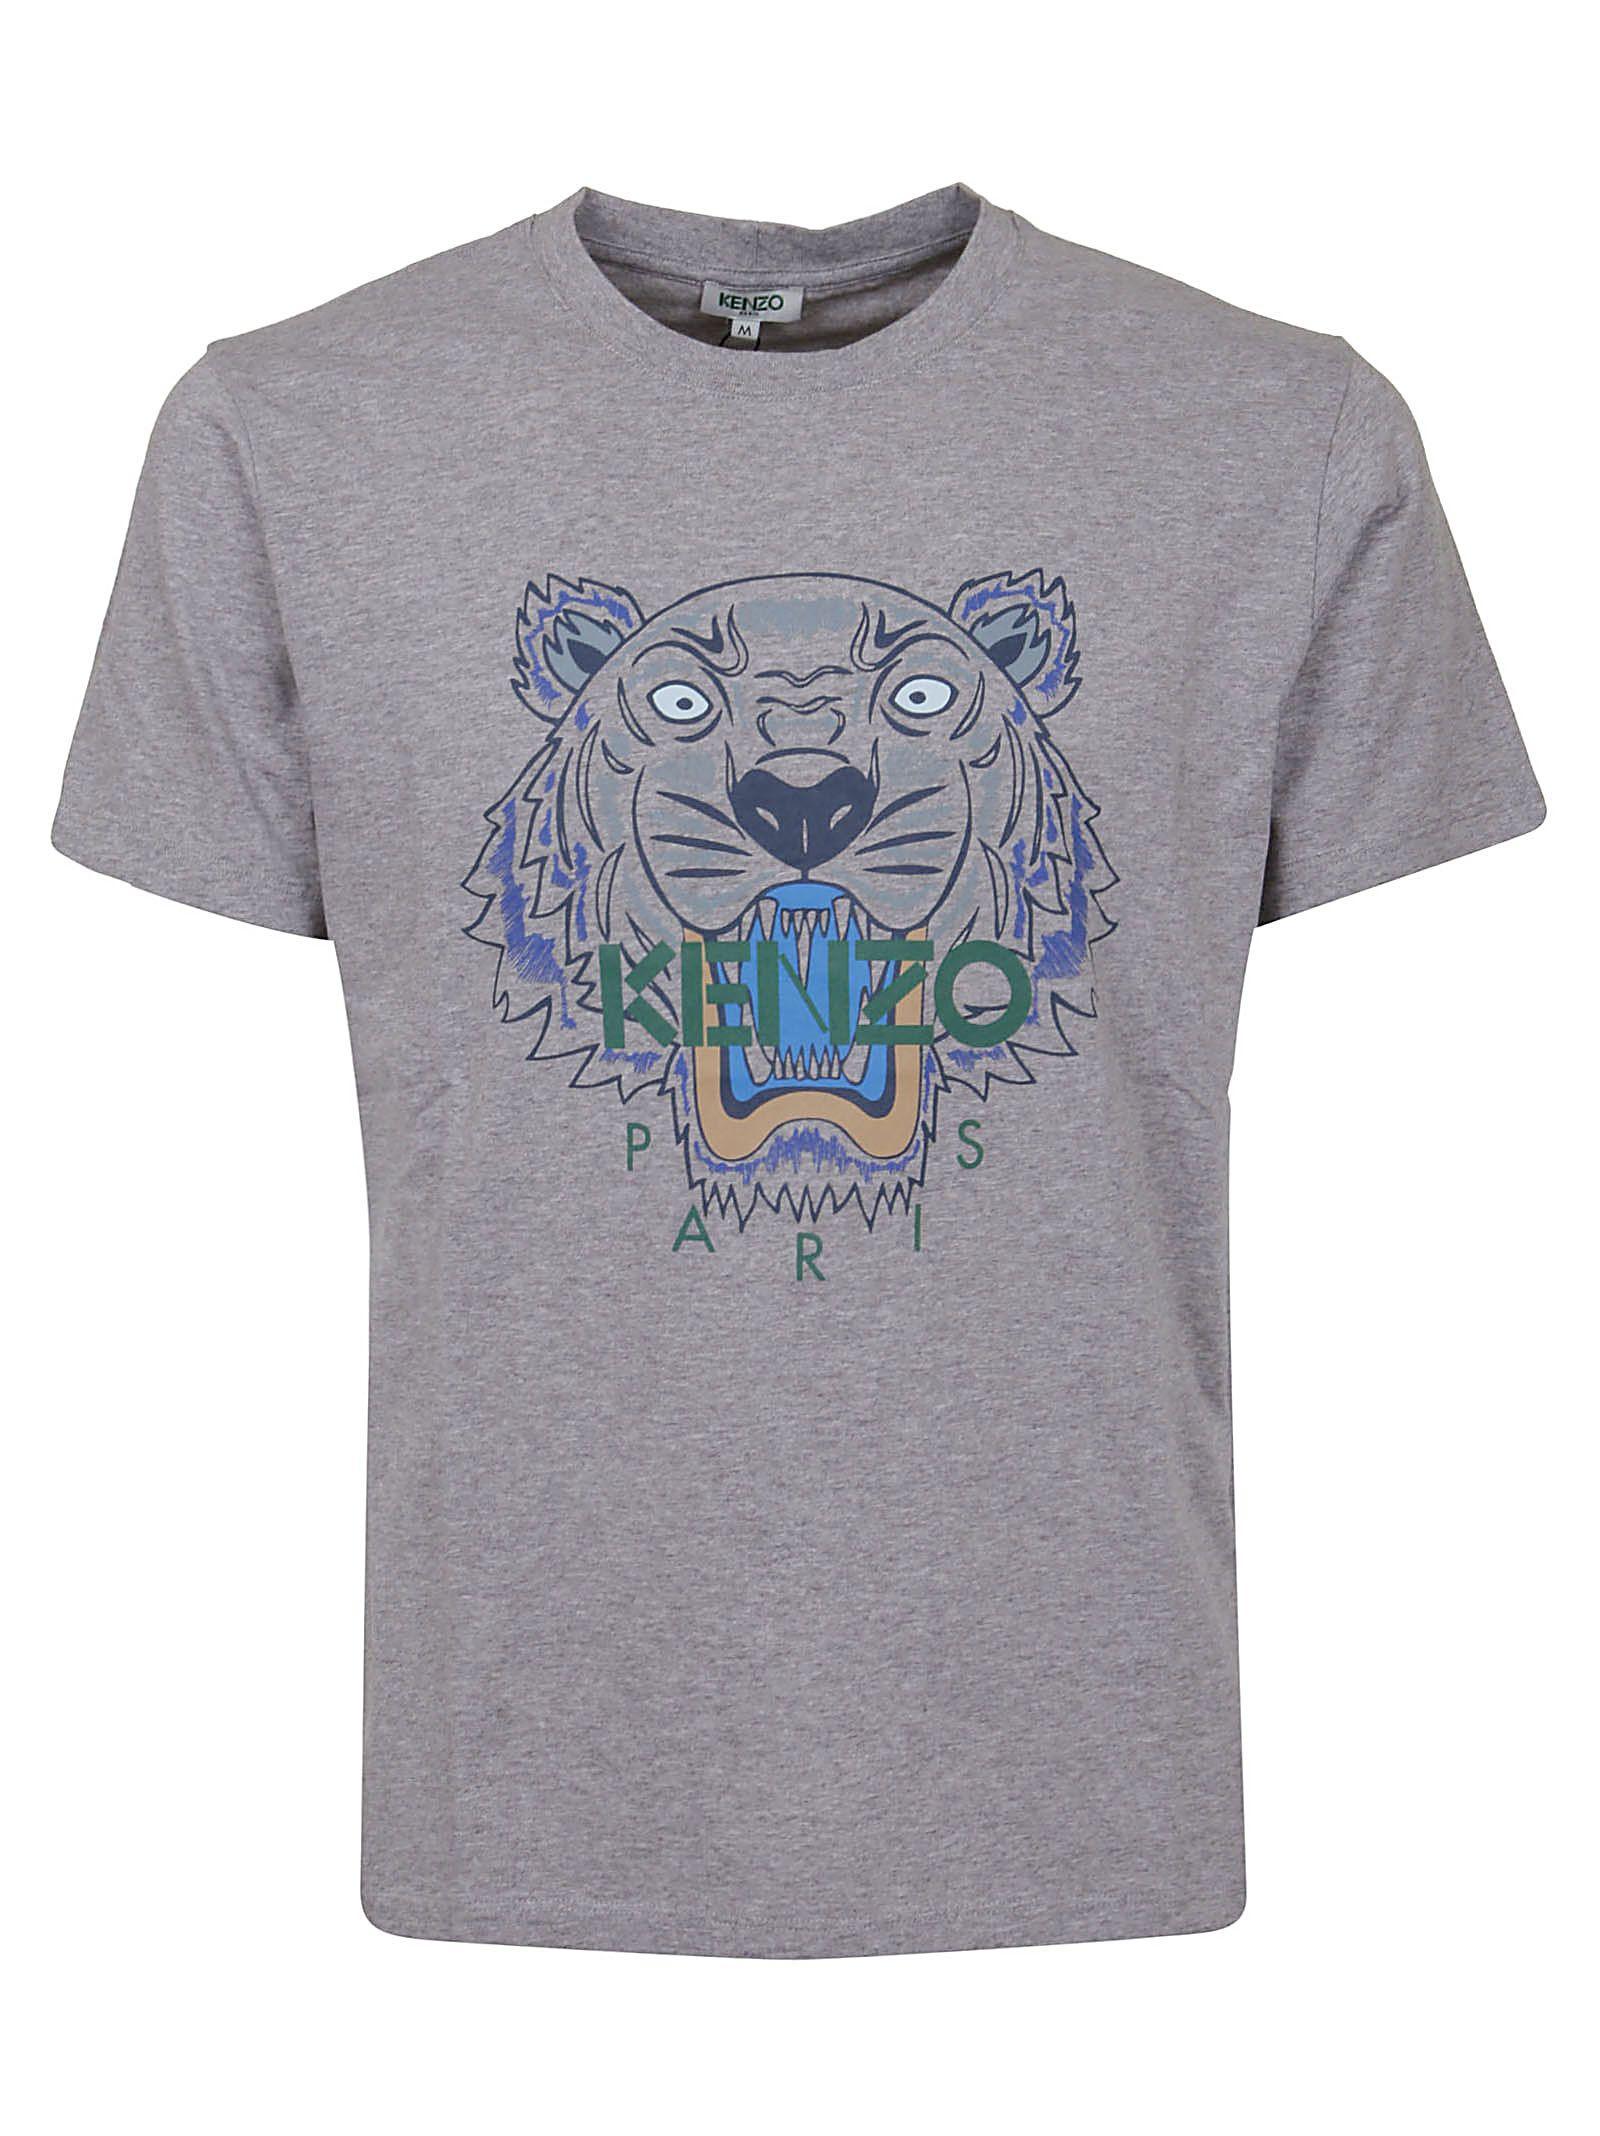 b6160fc4 Kenzo Kenzo Classic Tiger T-shirt - Pearl Grey - 10962304 | italist